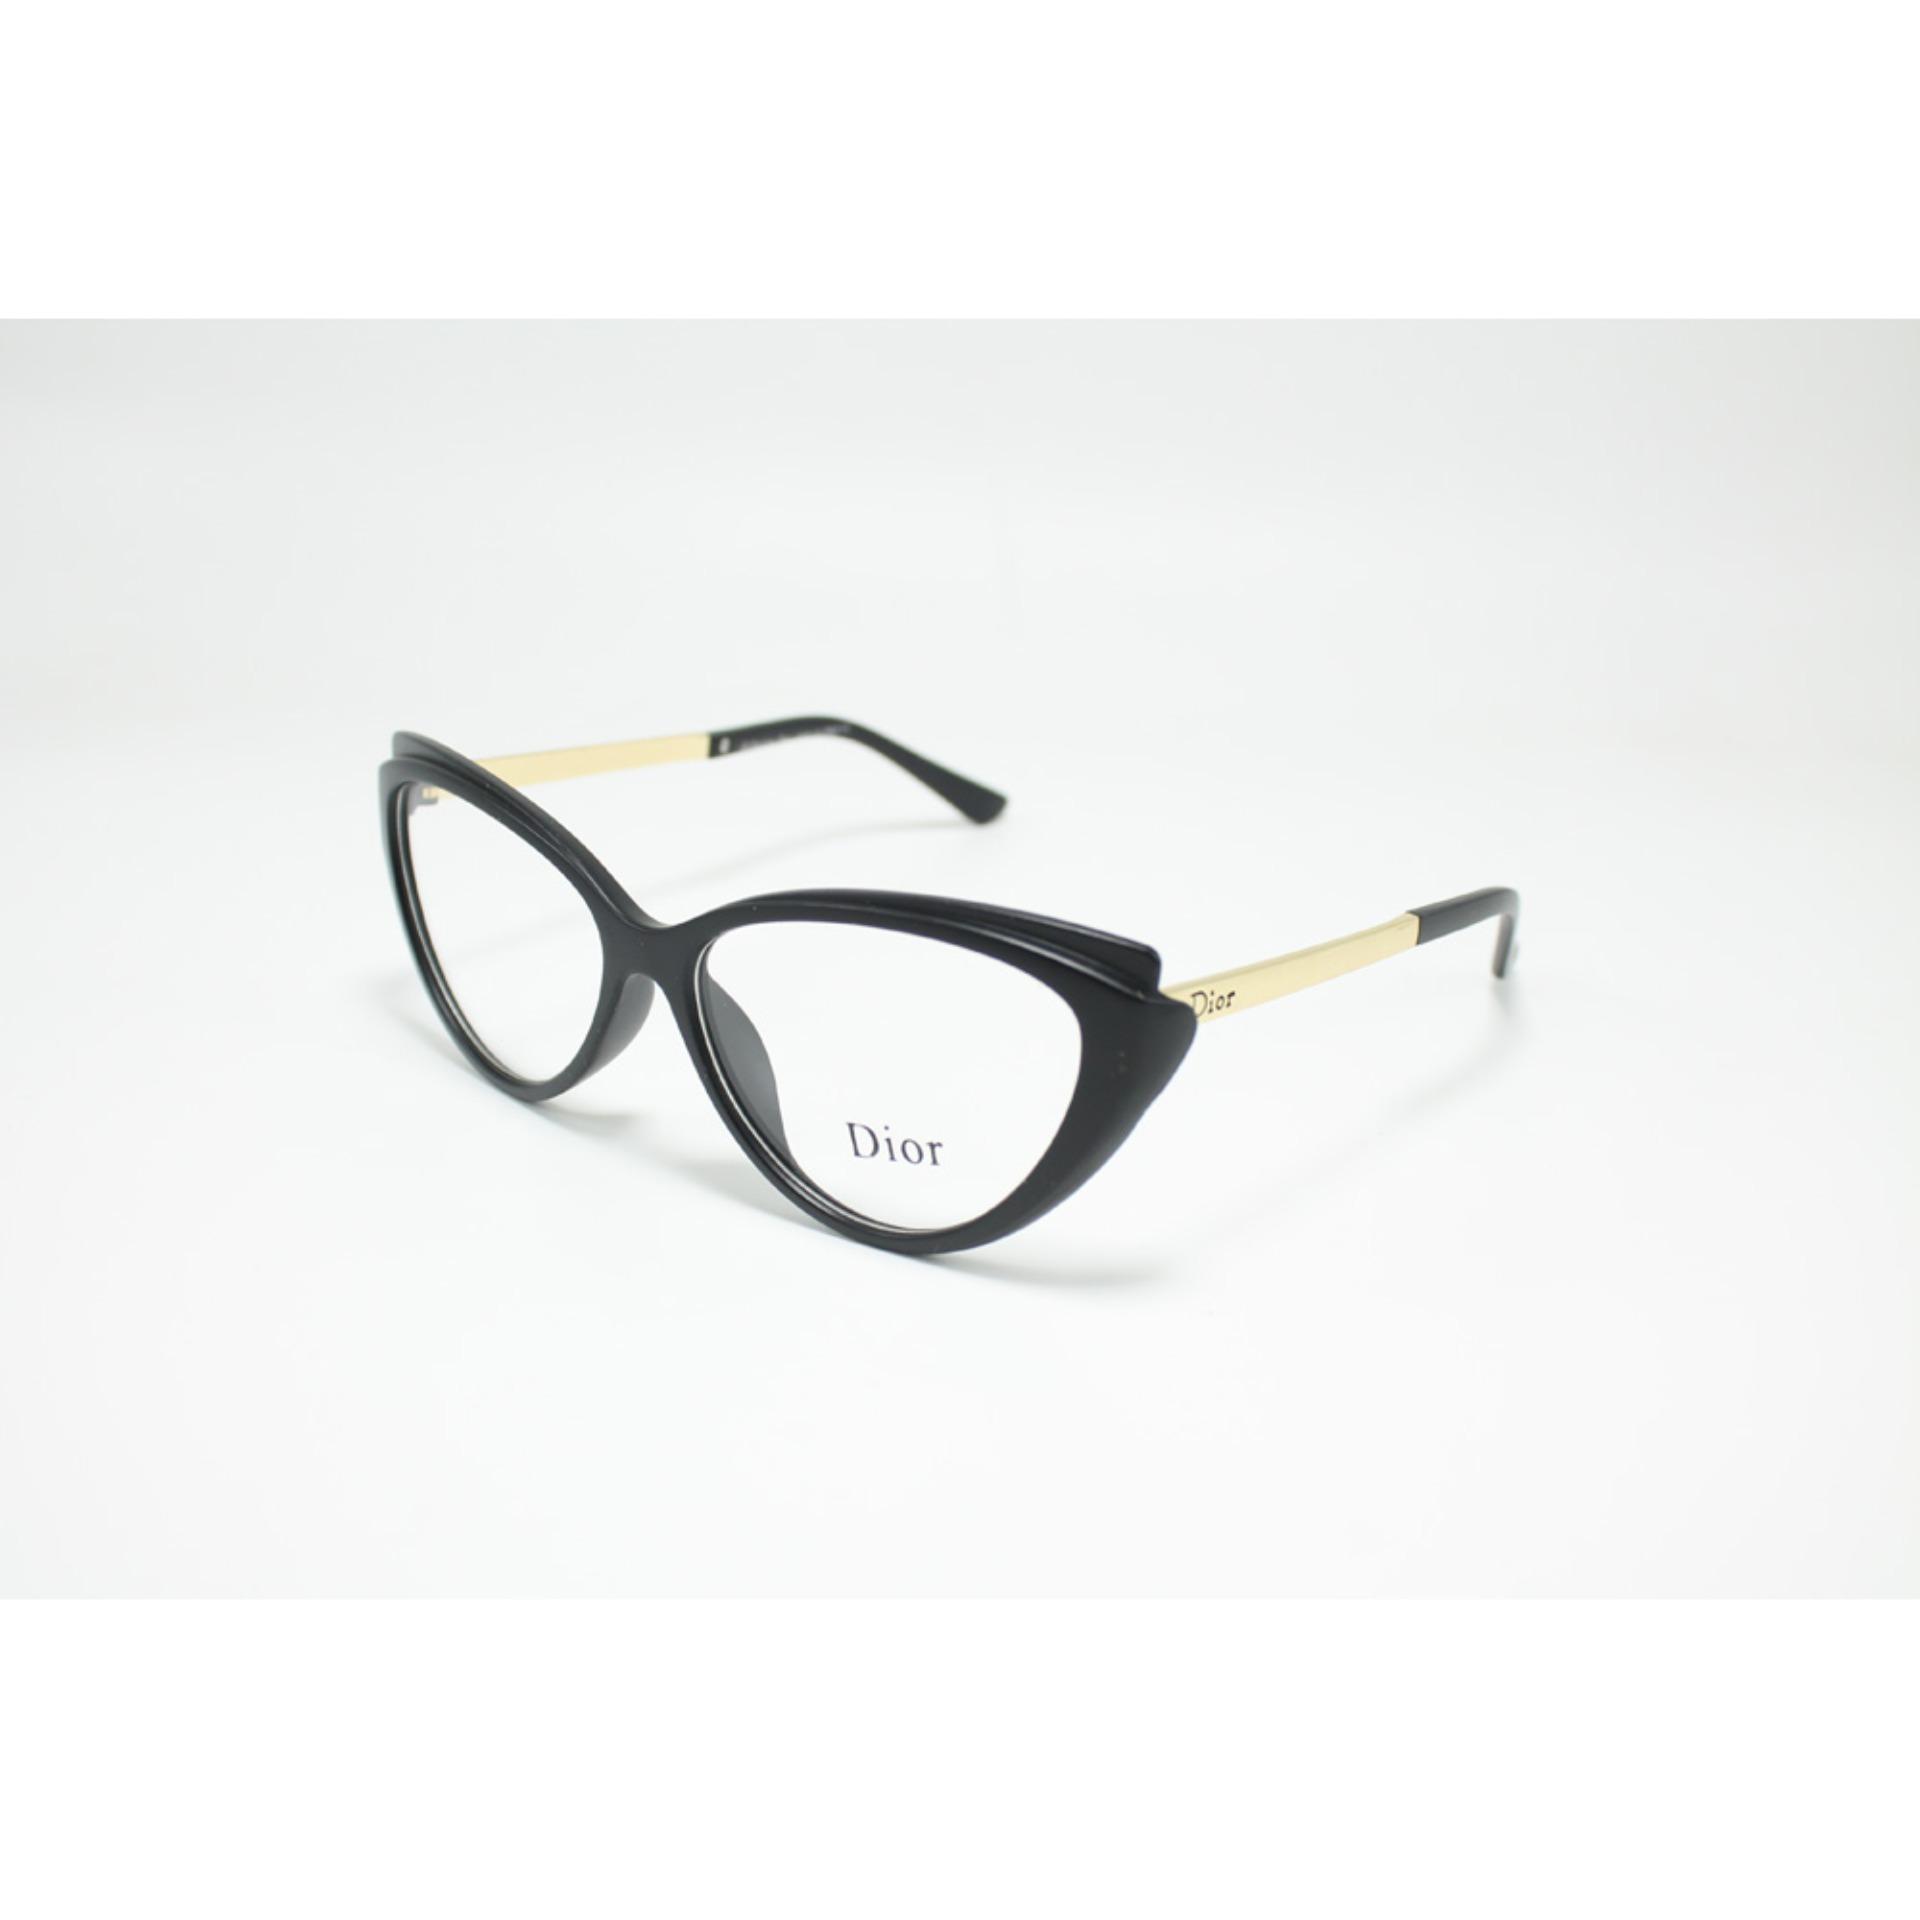 Detail Gambar Frame Kacamata Minus Baca Anti Radiasi Fashion Cat Eye Starla  Terbaru 23239b503c